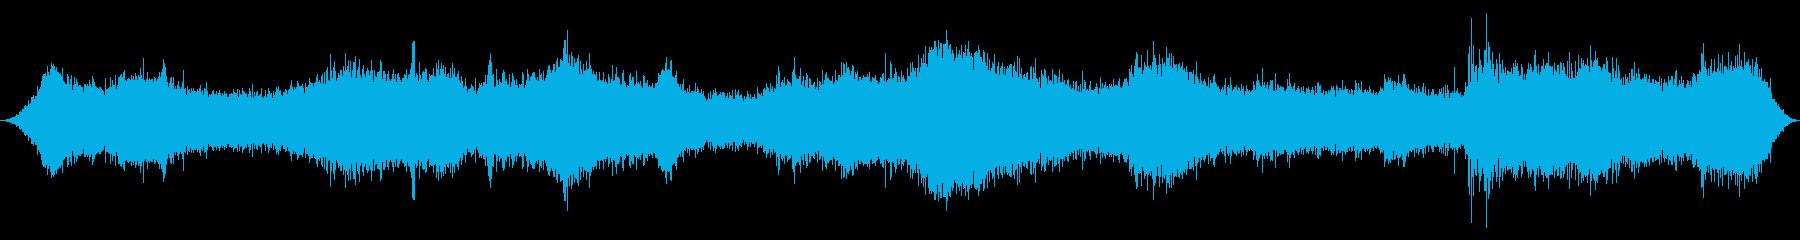 オーシャン:サーフカミングイン、ヘ...の再生済みの波形